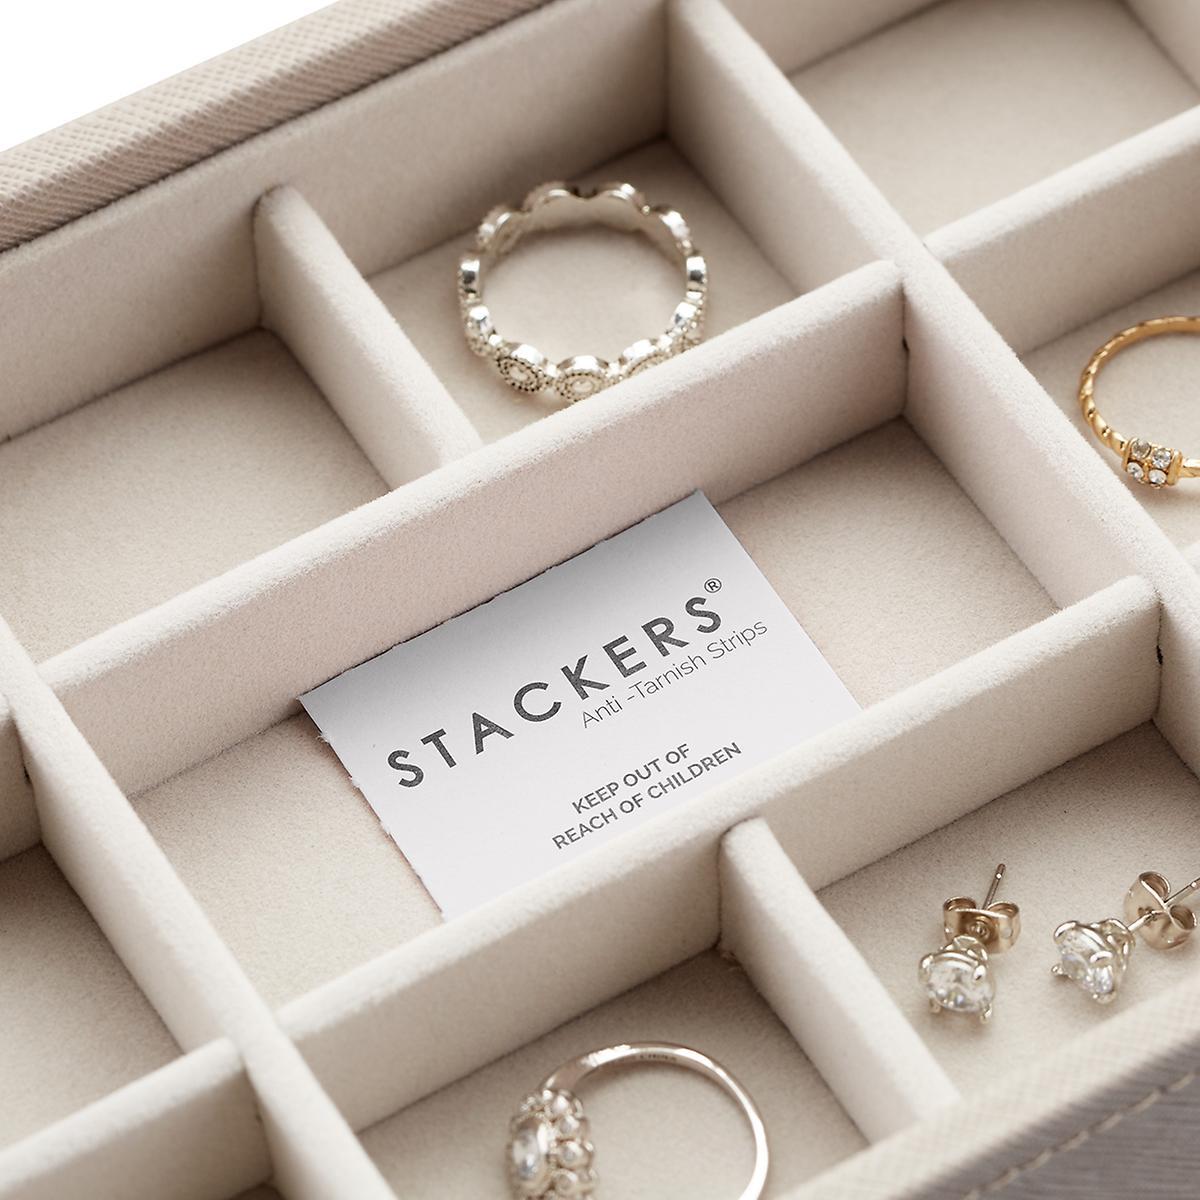 Stackers Anti-Tarnish Strips